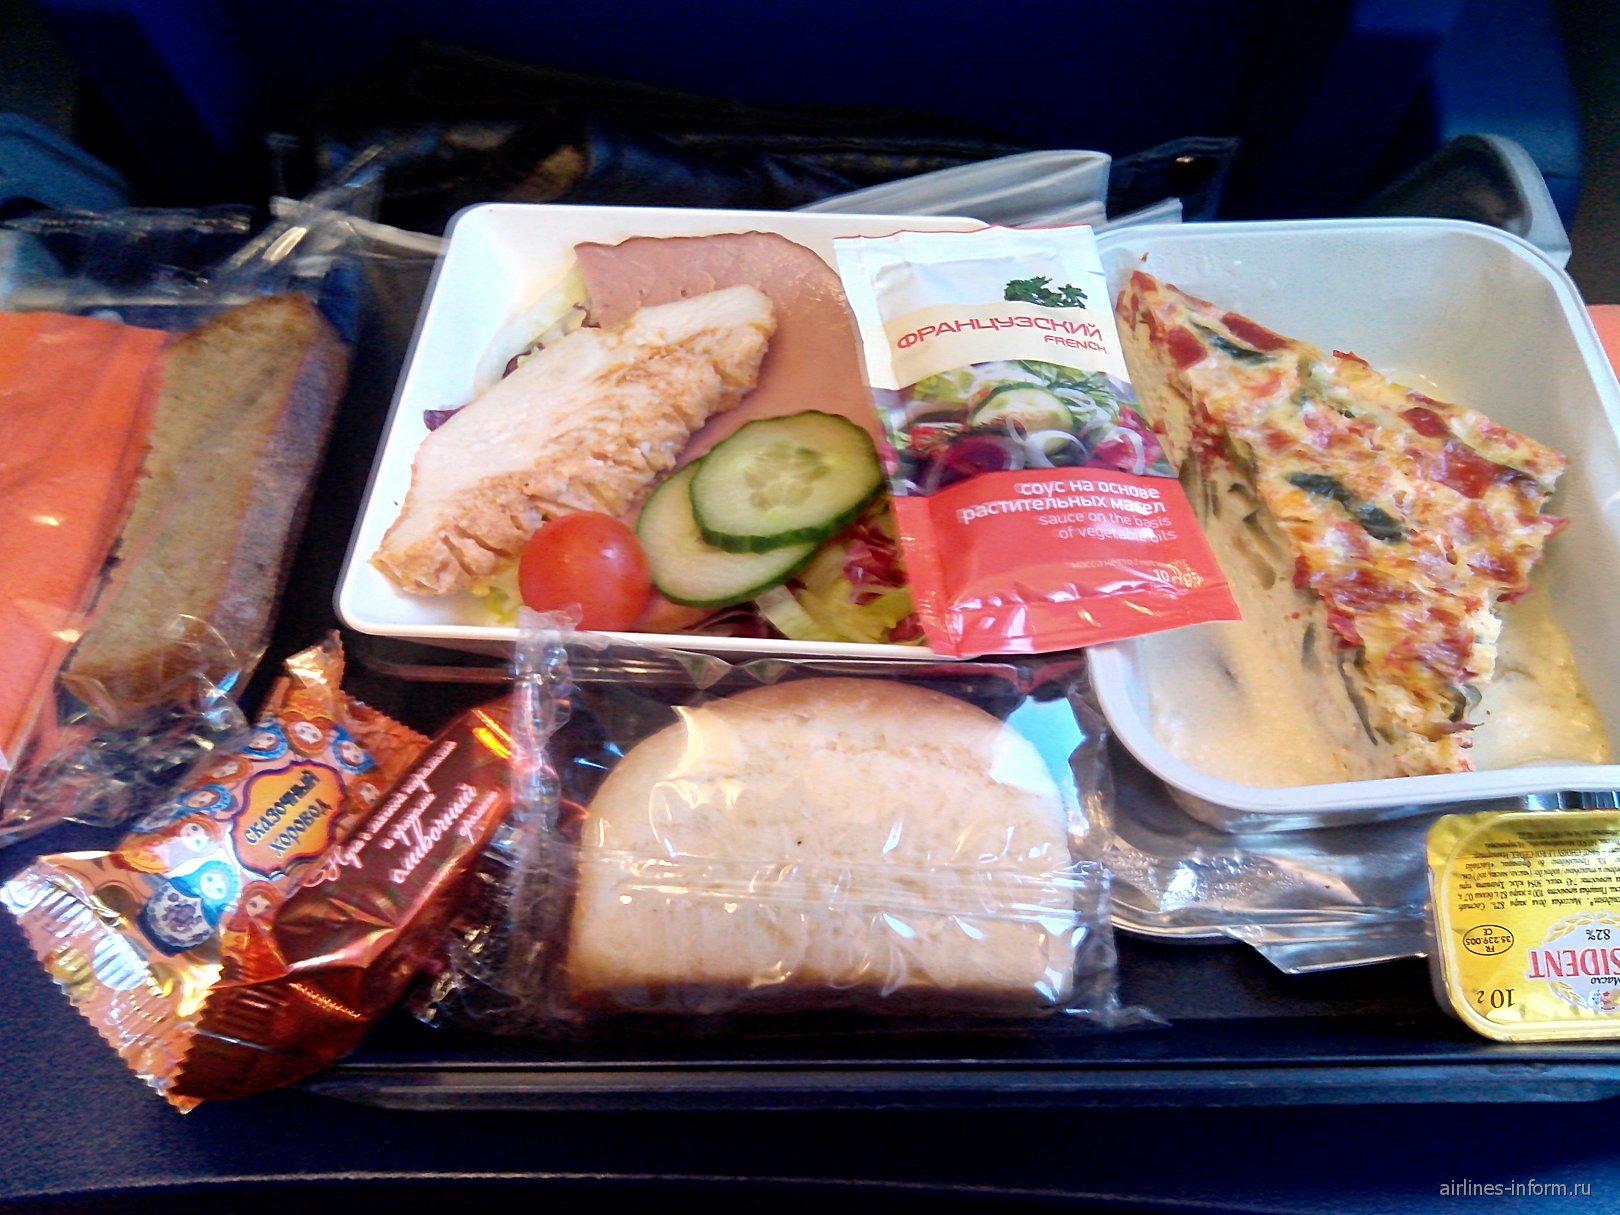 Питание на рейсе авиакомпании Аэрофлот Омск-Москва